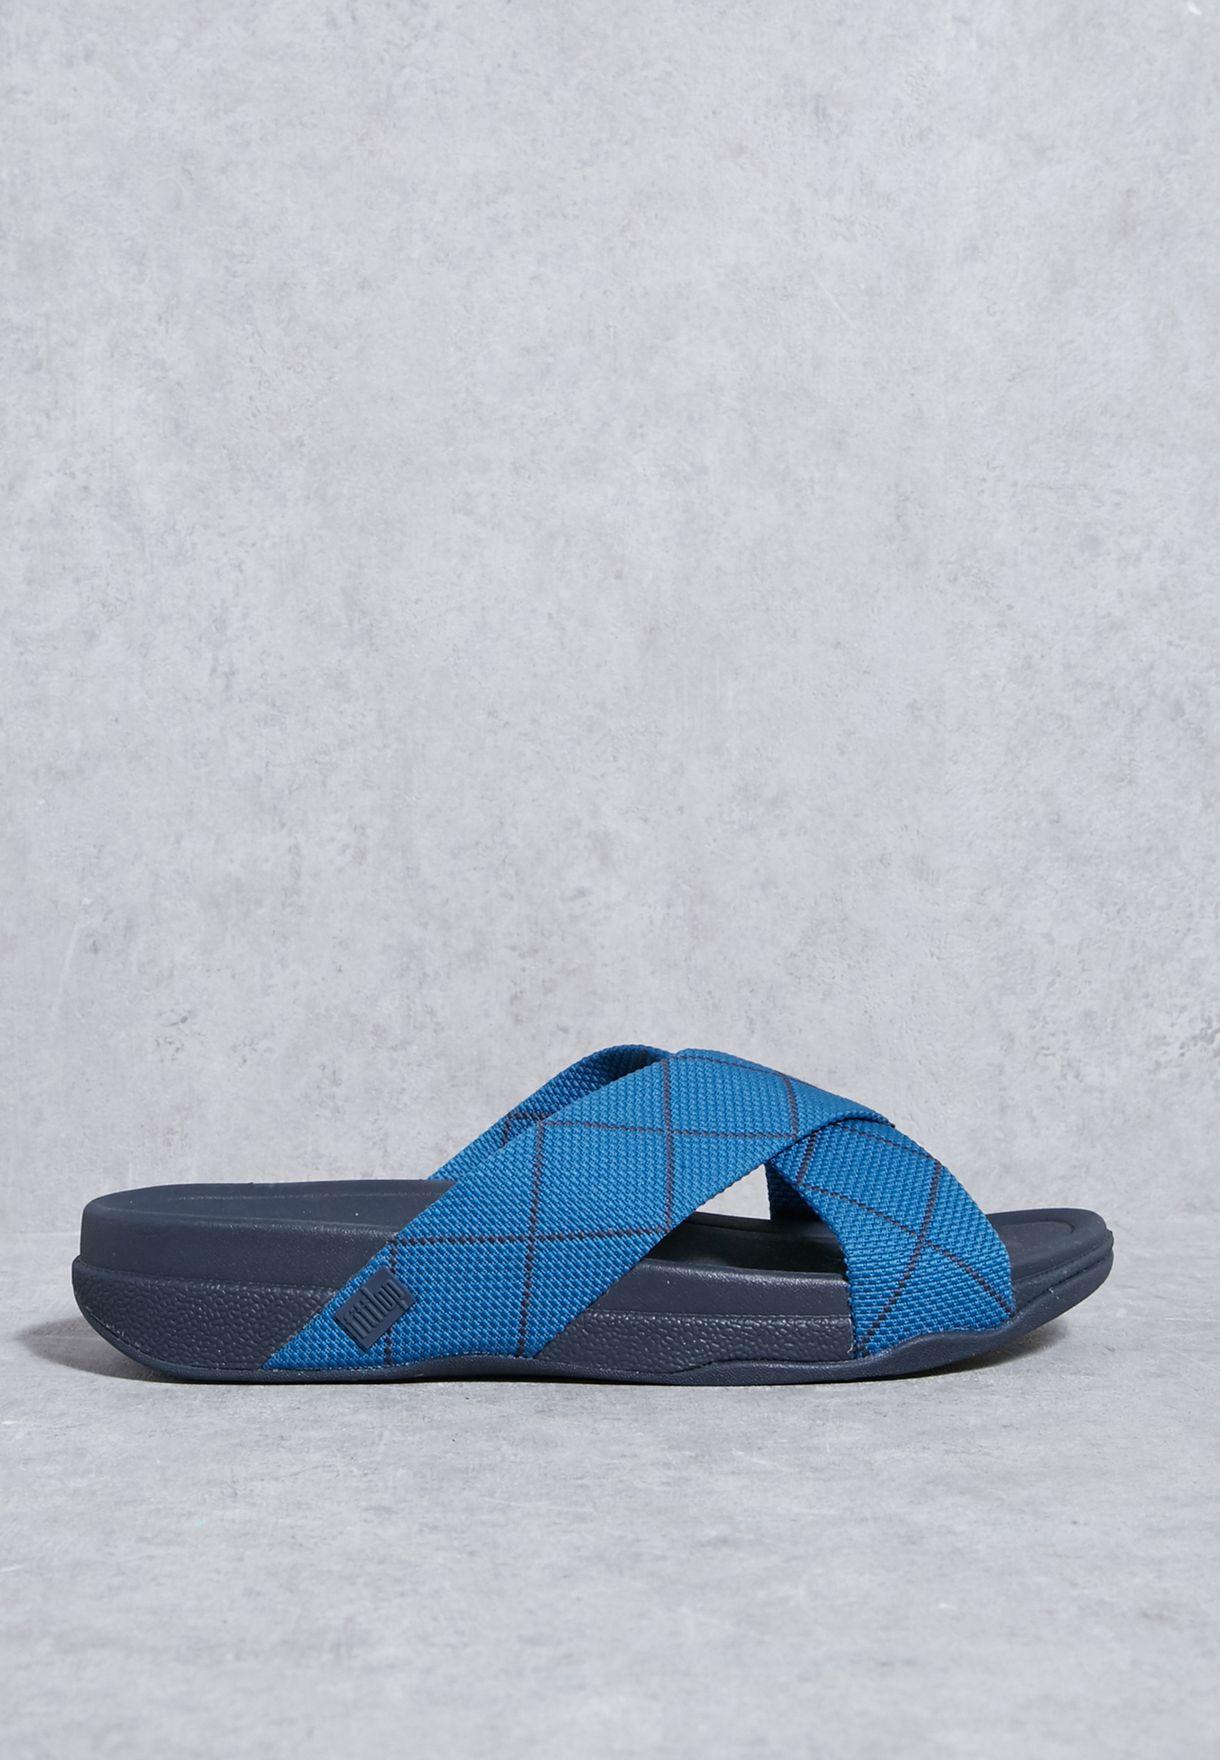 8adc492946f7 Shop Fitflop navy Surfer Dyno Slide Sandals H08-451 for Men in UAE ...